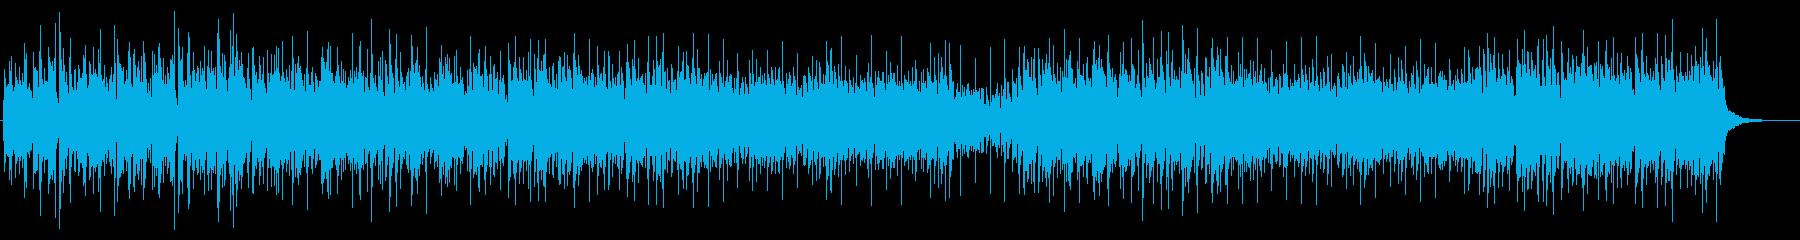 優しく温かい響きの再生済みの波形